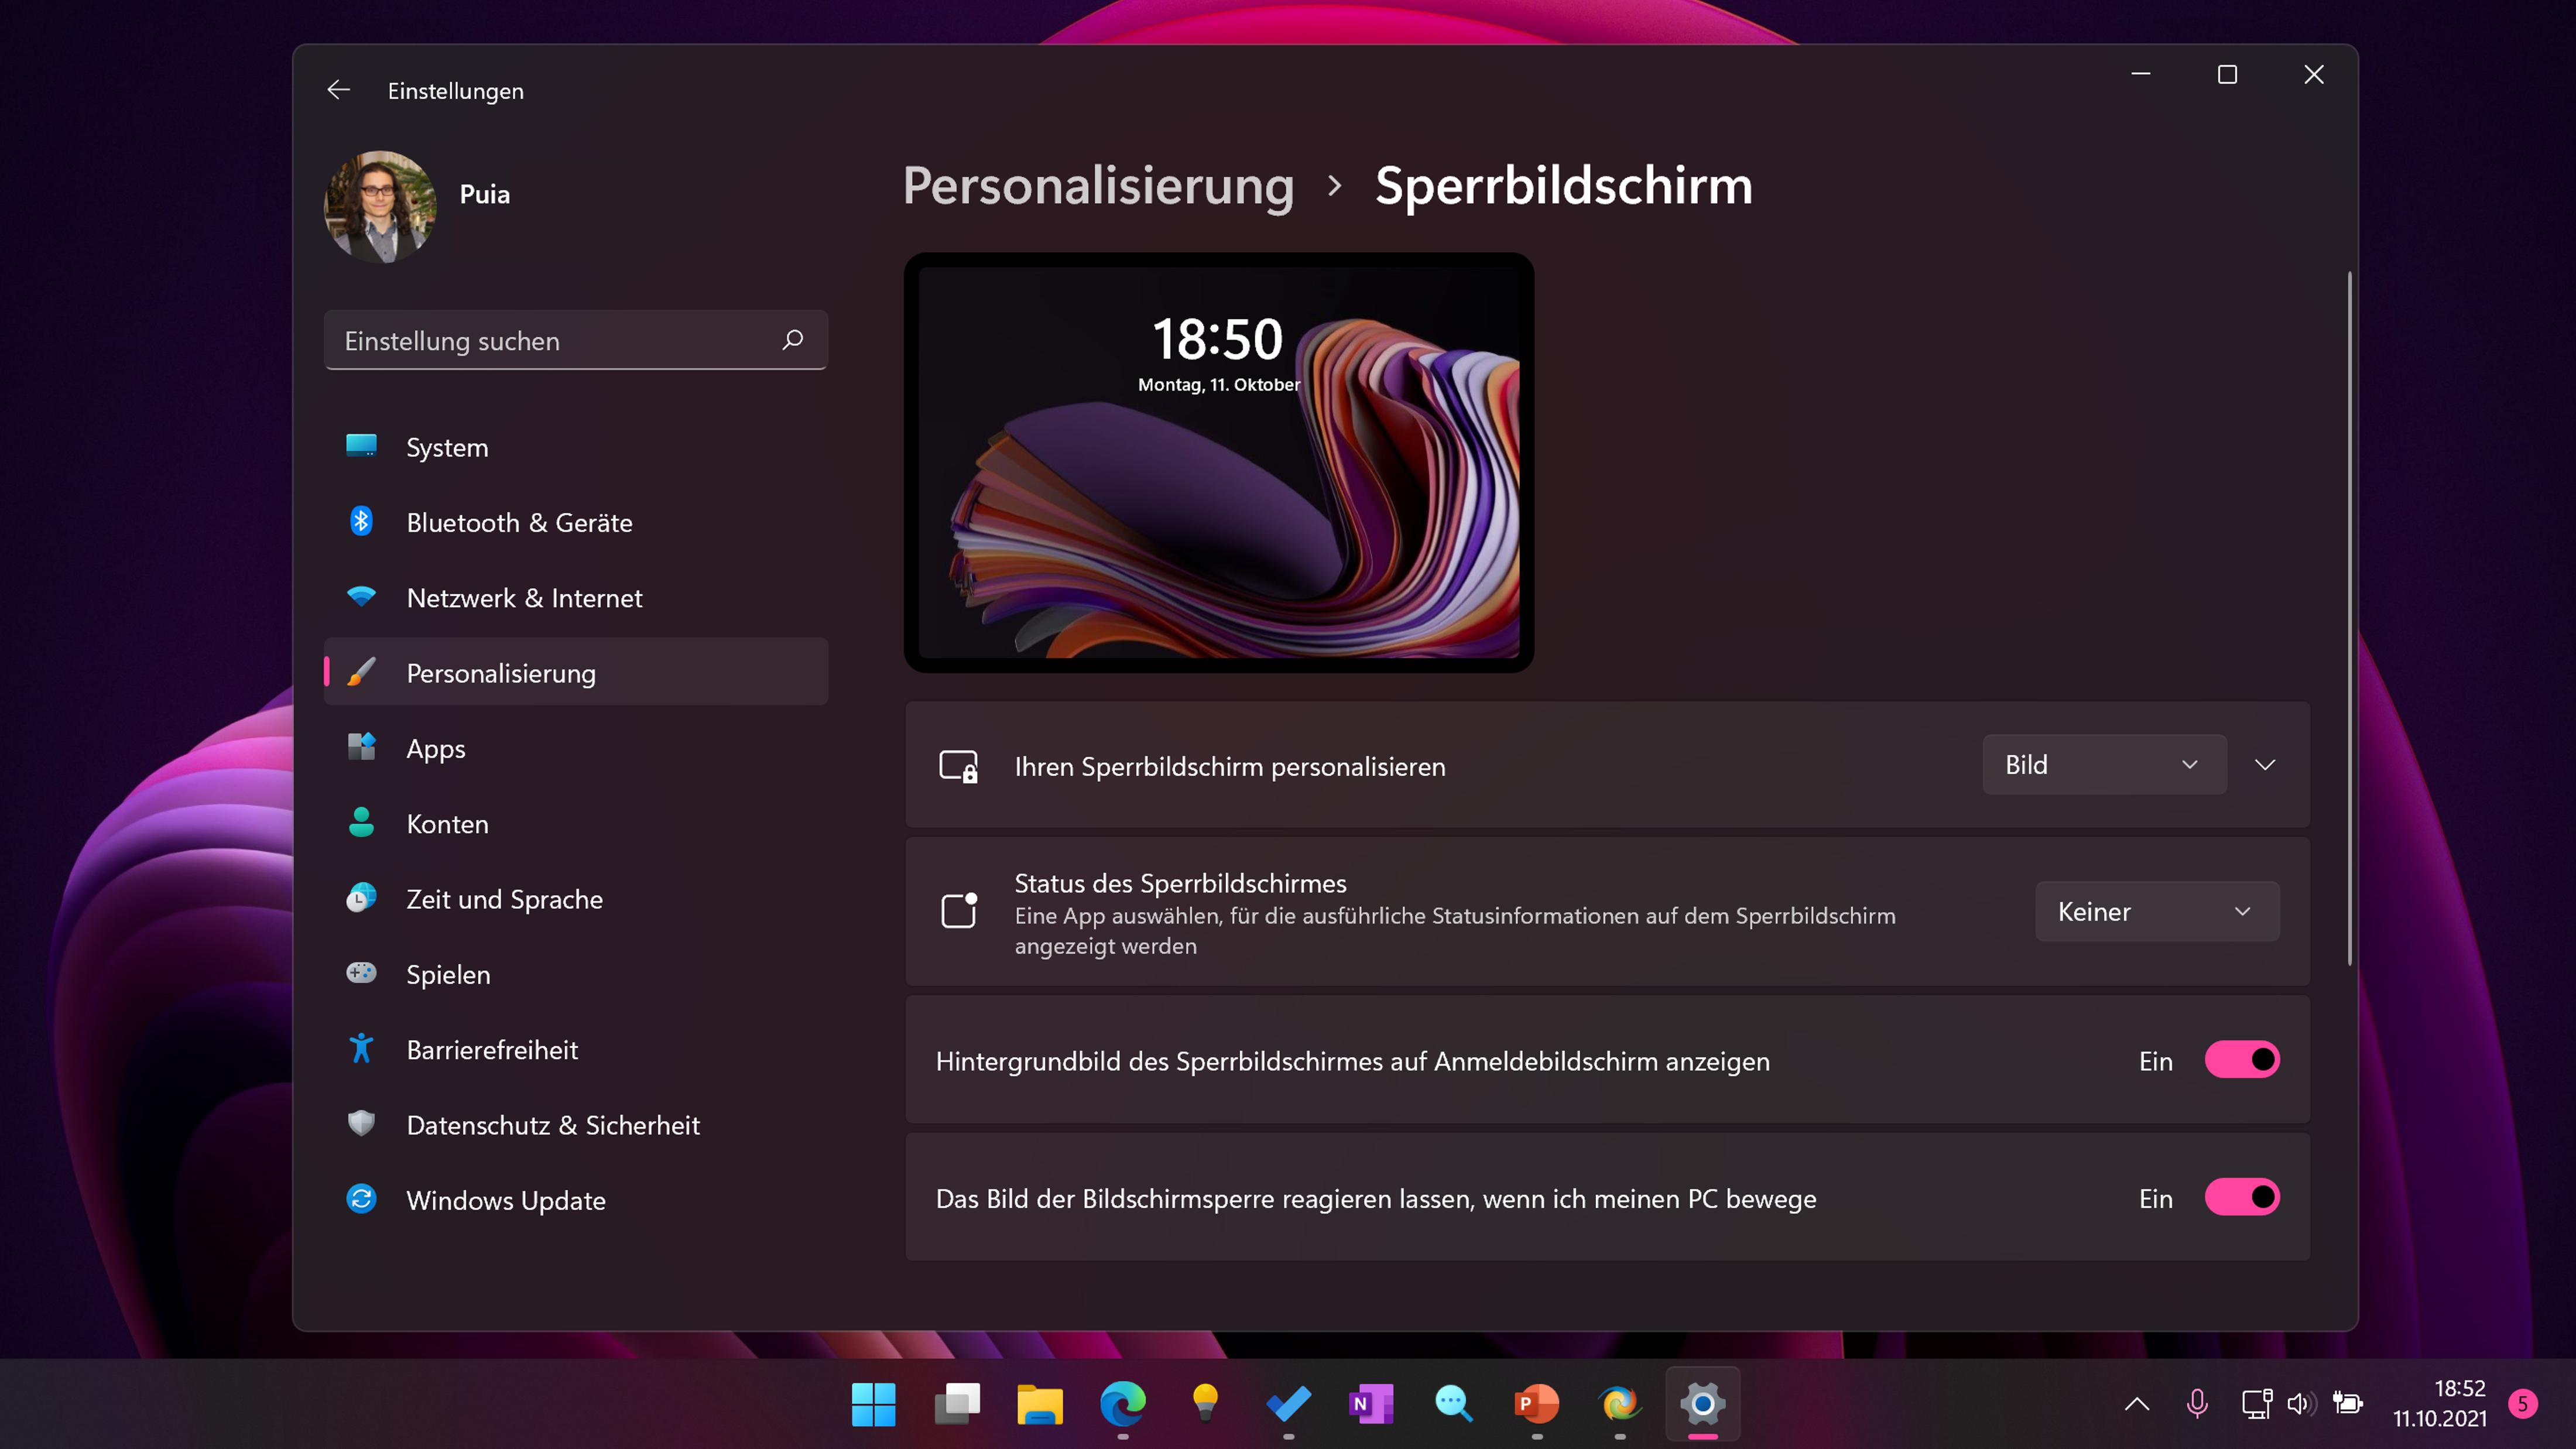 Mit diesen Einstellungen können Sie den Windows 11 Sperrbildschirm anpassen